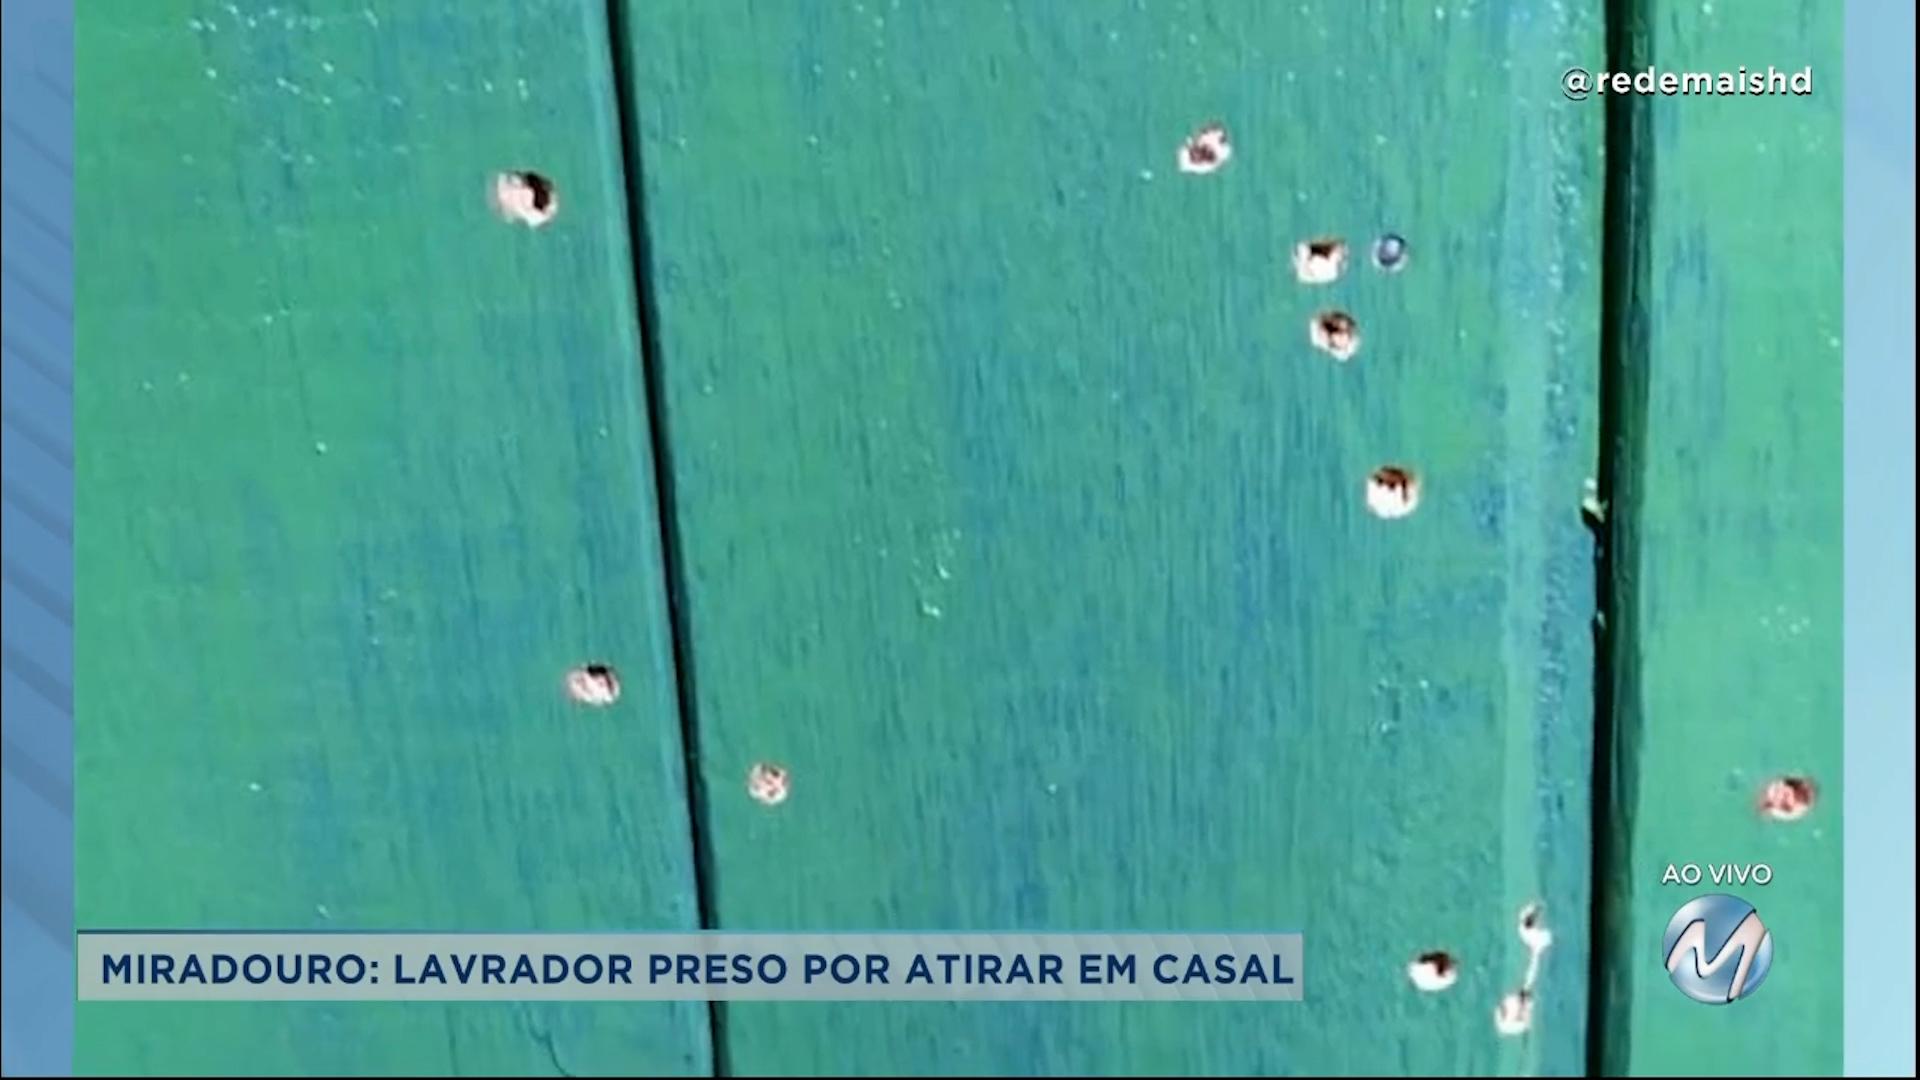 Miradouro: lavrador é preso por atirar em casal